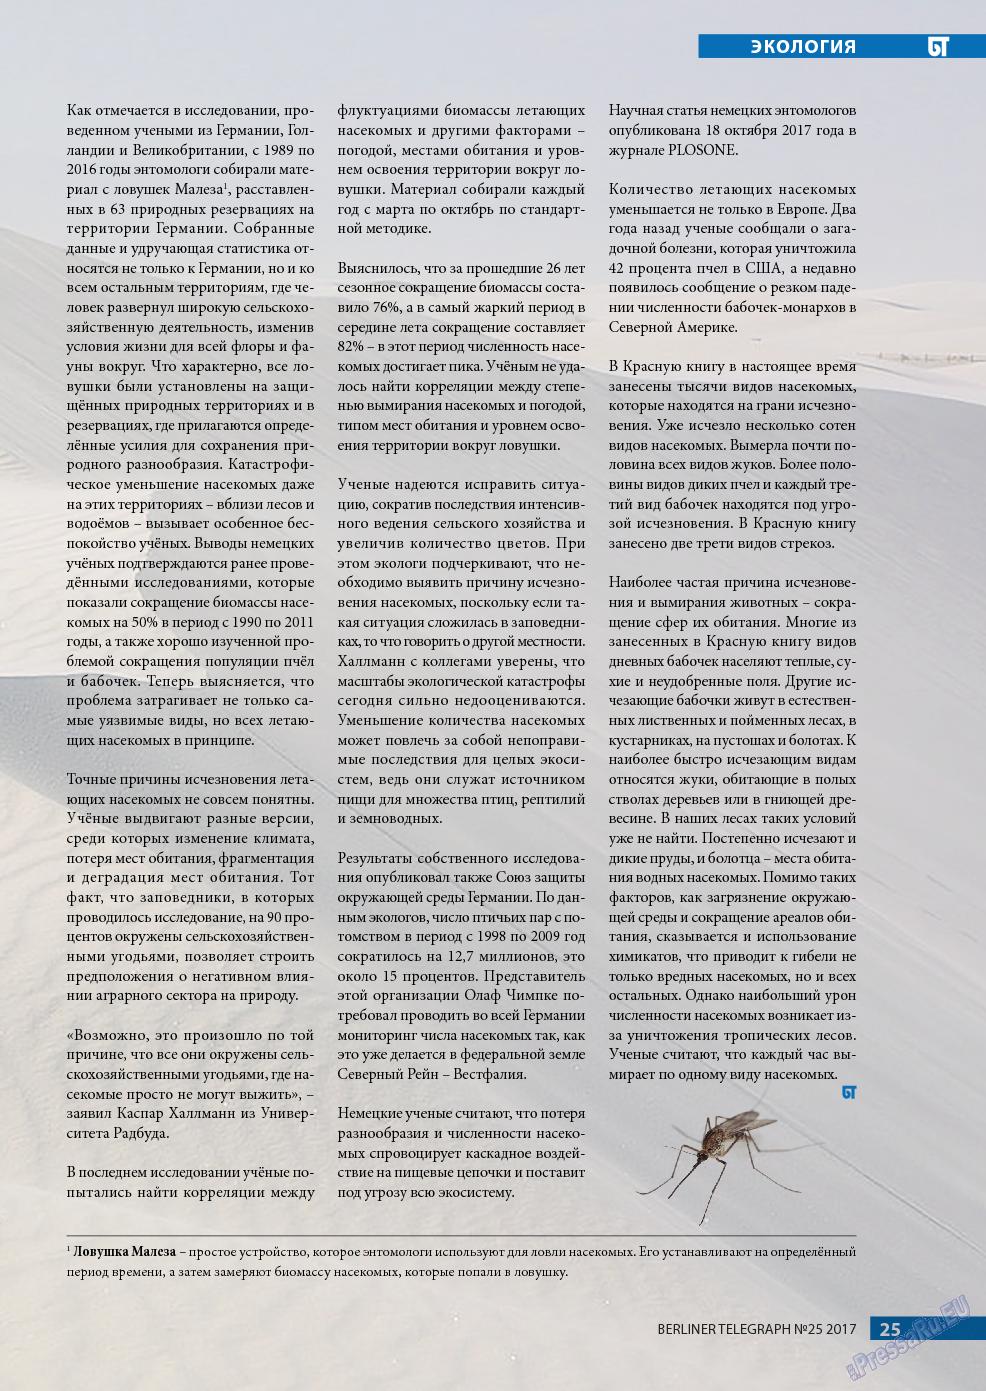 Берлинский телеграф (журнал). 2017 год, номер 25, стр. 25